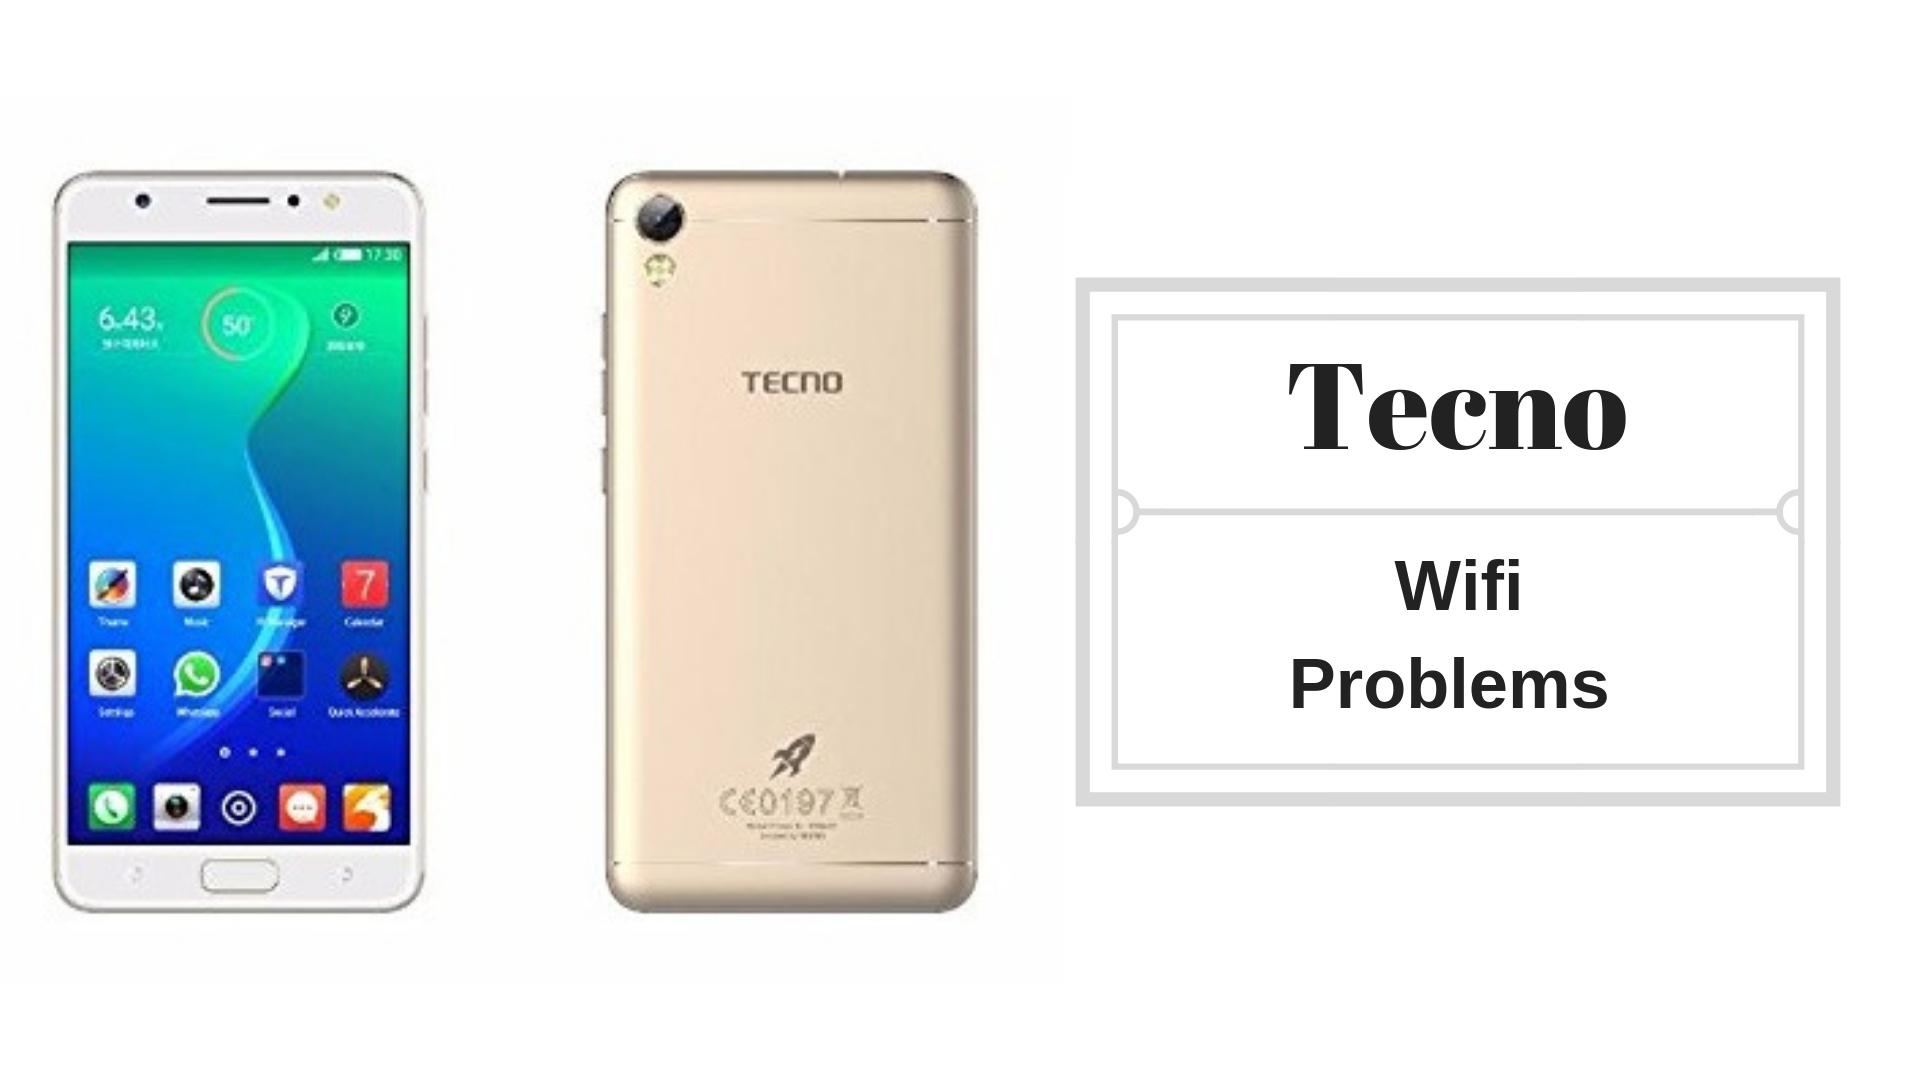 Guía rápida para solucionar problemas de Tecno Wifi [Troubleshoot]